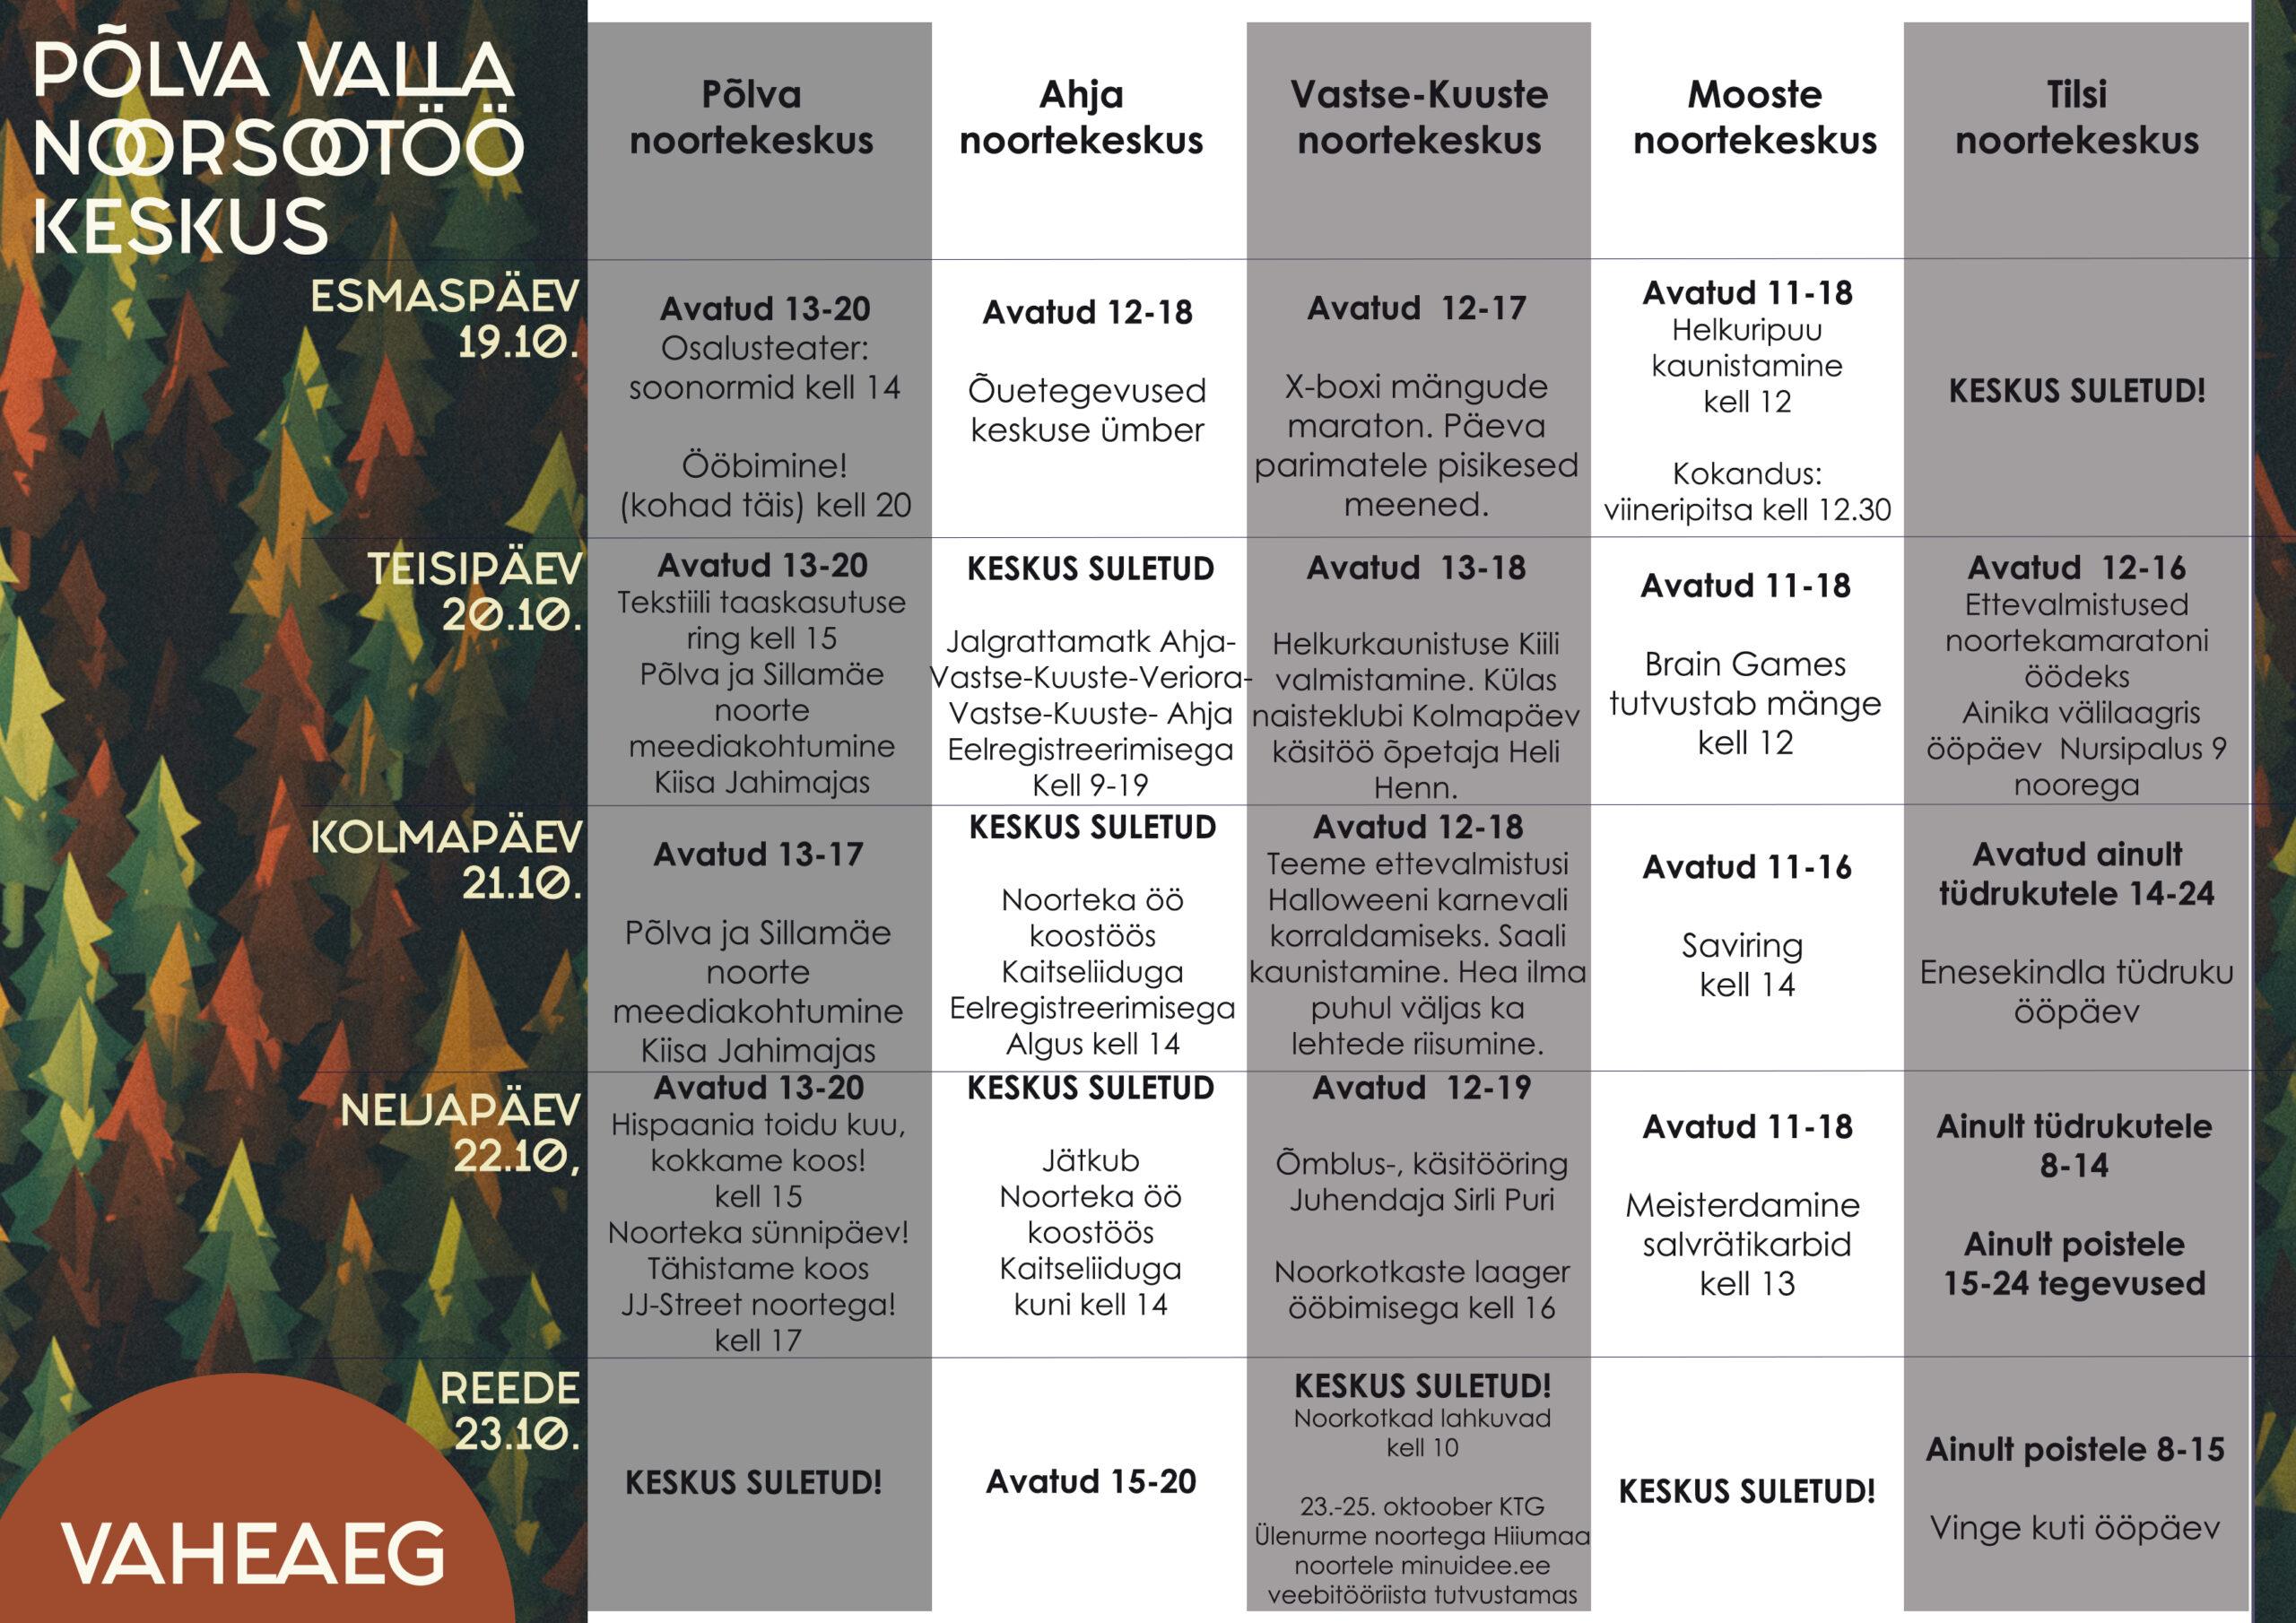 Põlva valla noortekeskuste kava VAHEAJAL, 19.-23. oktoober 2020